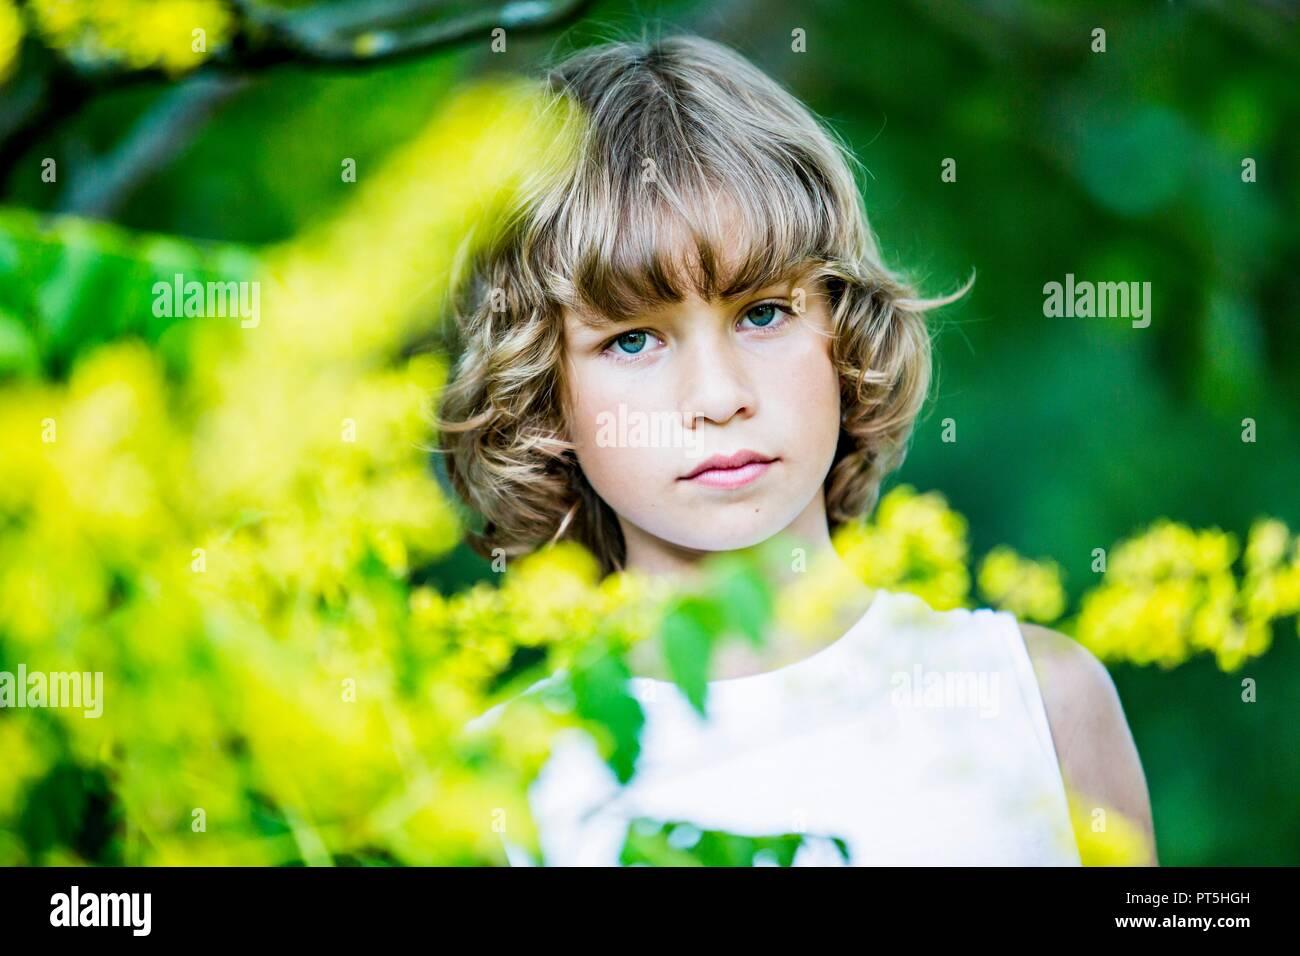 Retrato de joven con flores amarillas en primer plano. Foto de stock